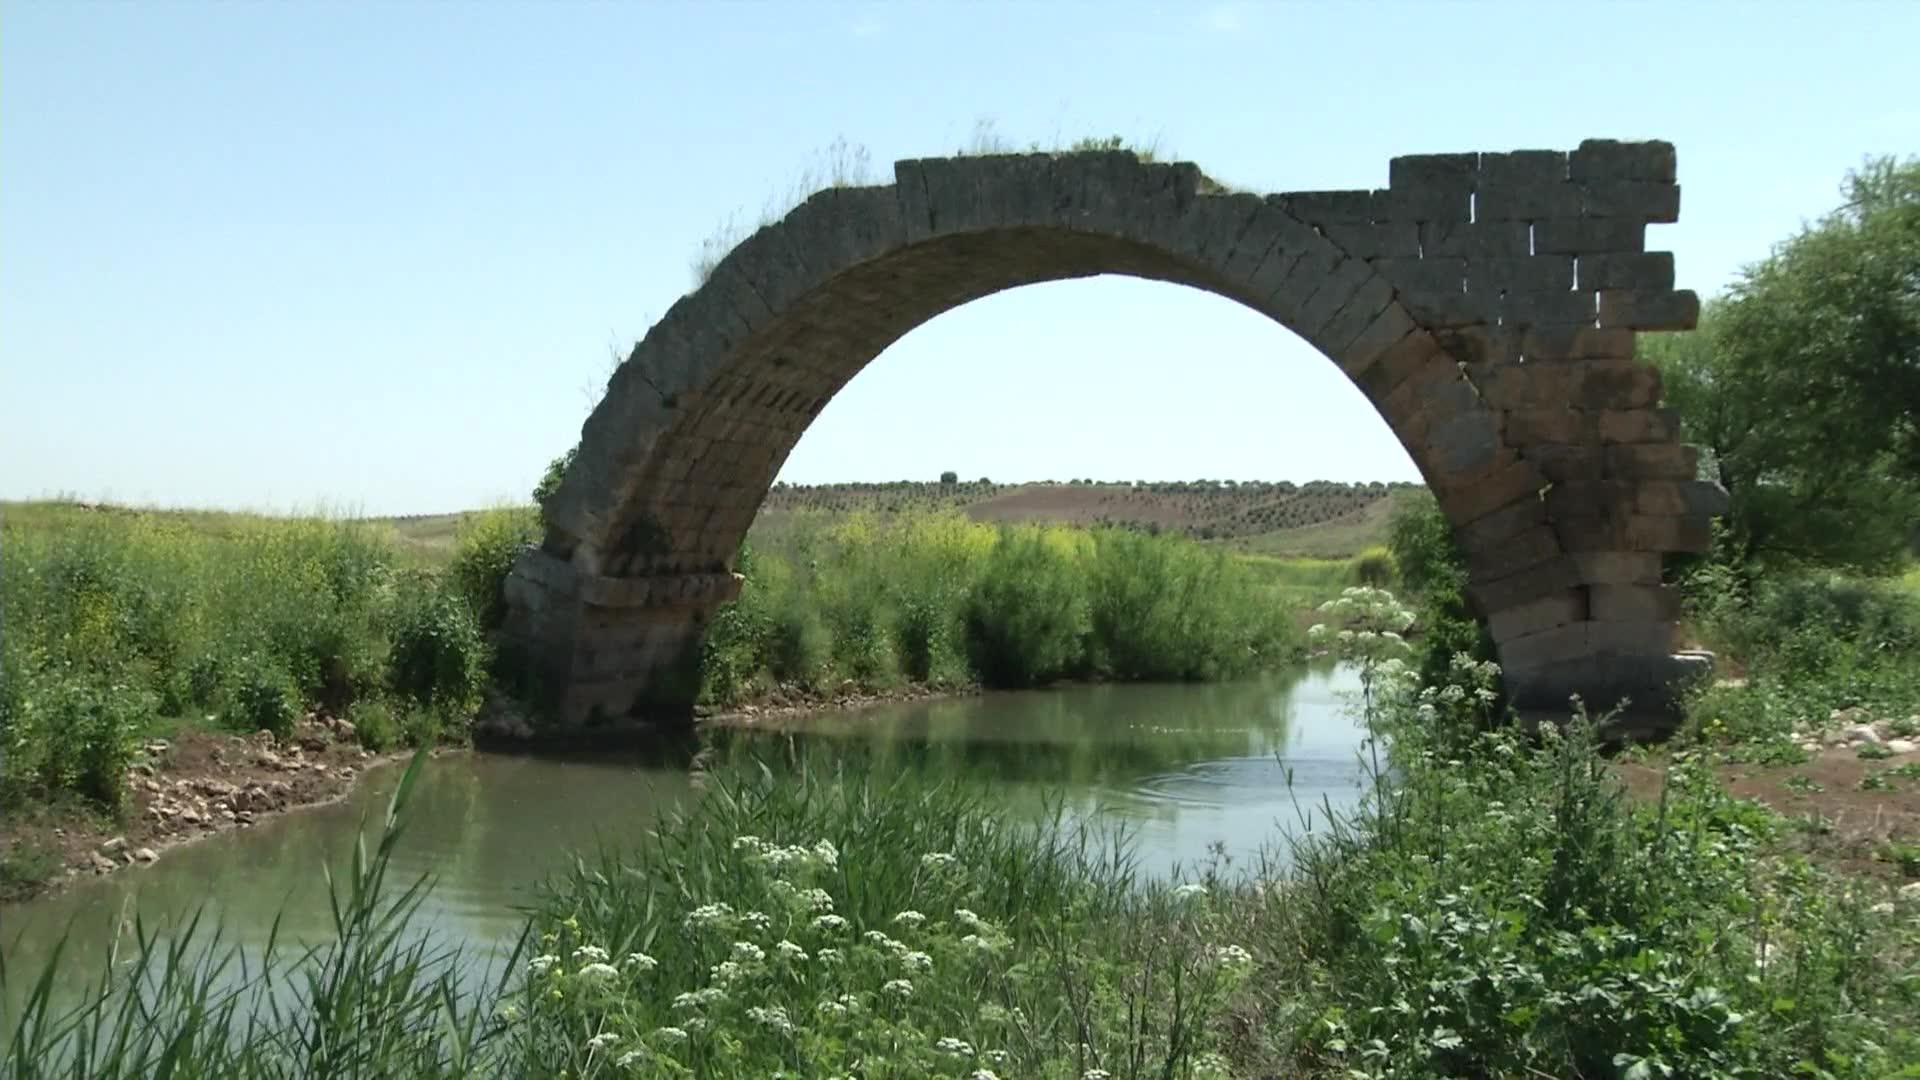 AB-Türkiye Anadolu Arkeolojisi ve Kültürel Miras Enstitüsü